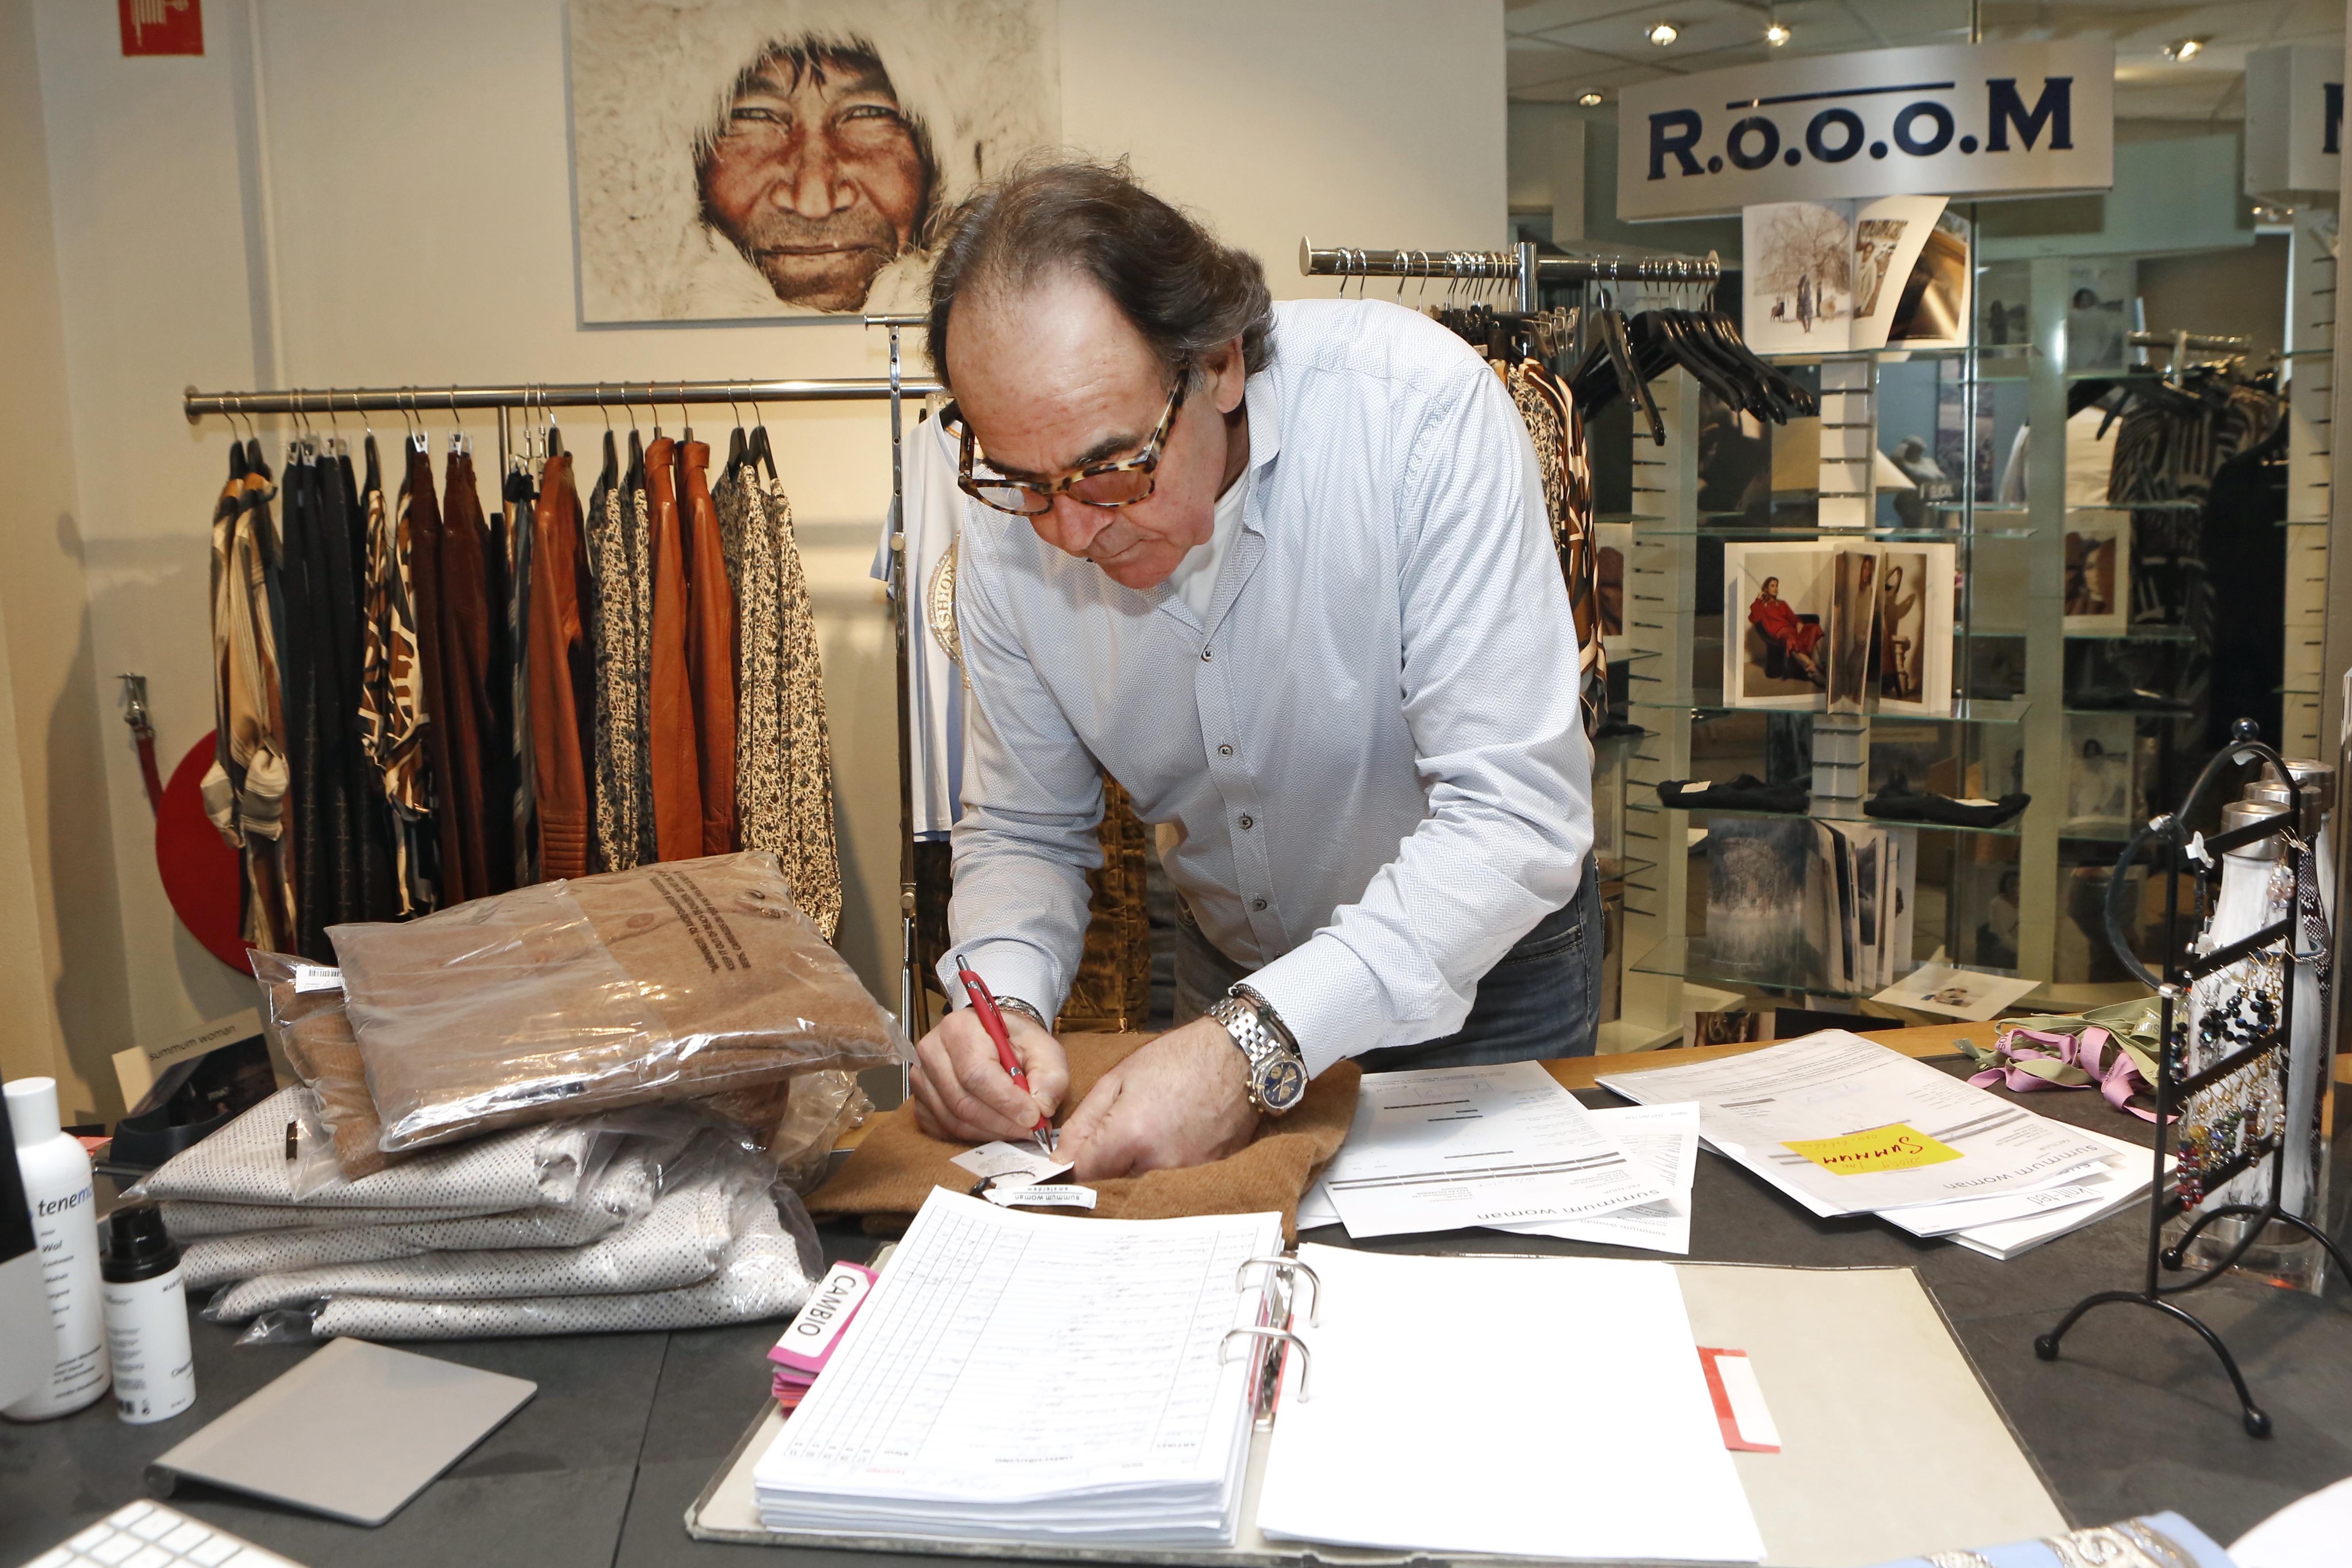 Versoepeling betekent voor Gooise winkels maar een beetje soelaas; wel een stap in de goede richting